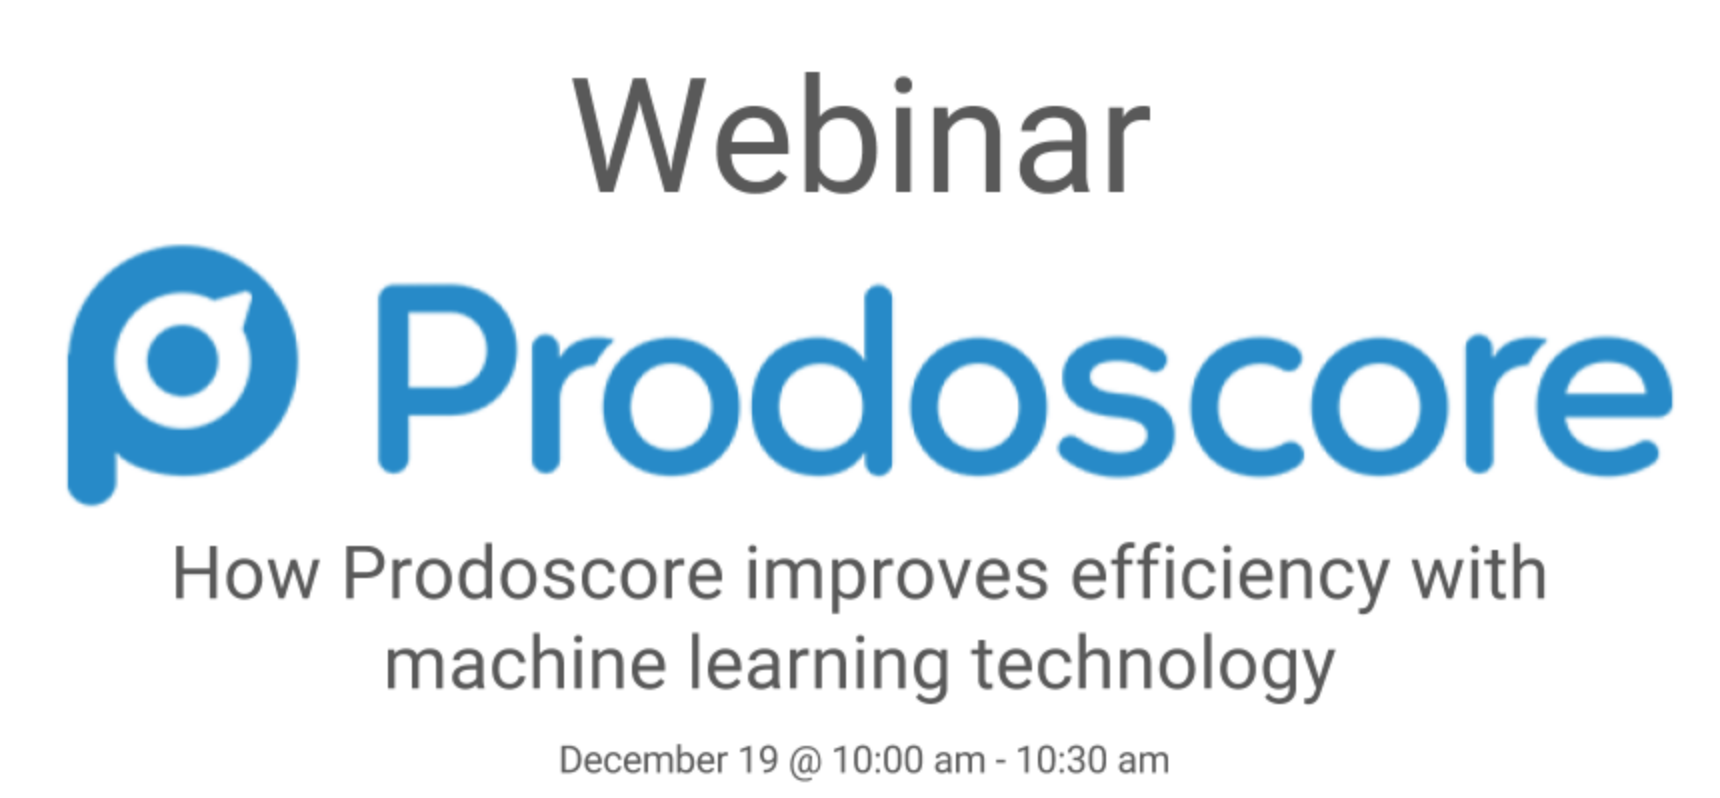 Prodoscore-Webinar-19-dec.png